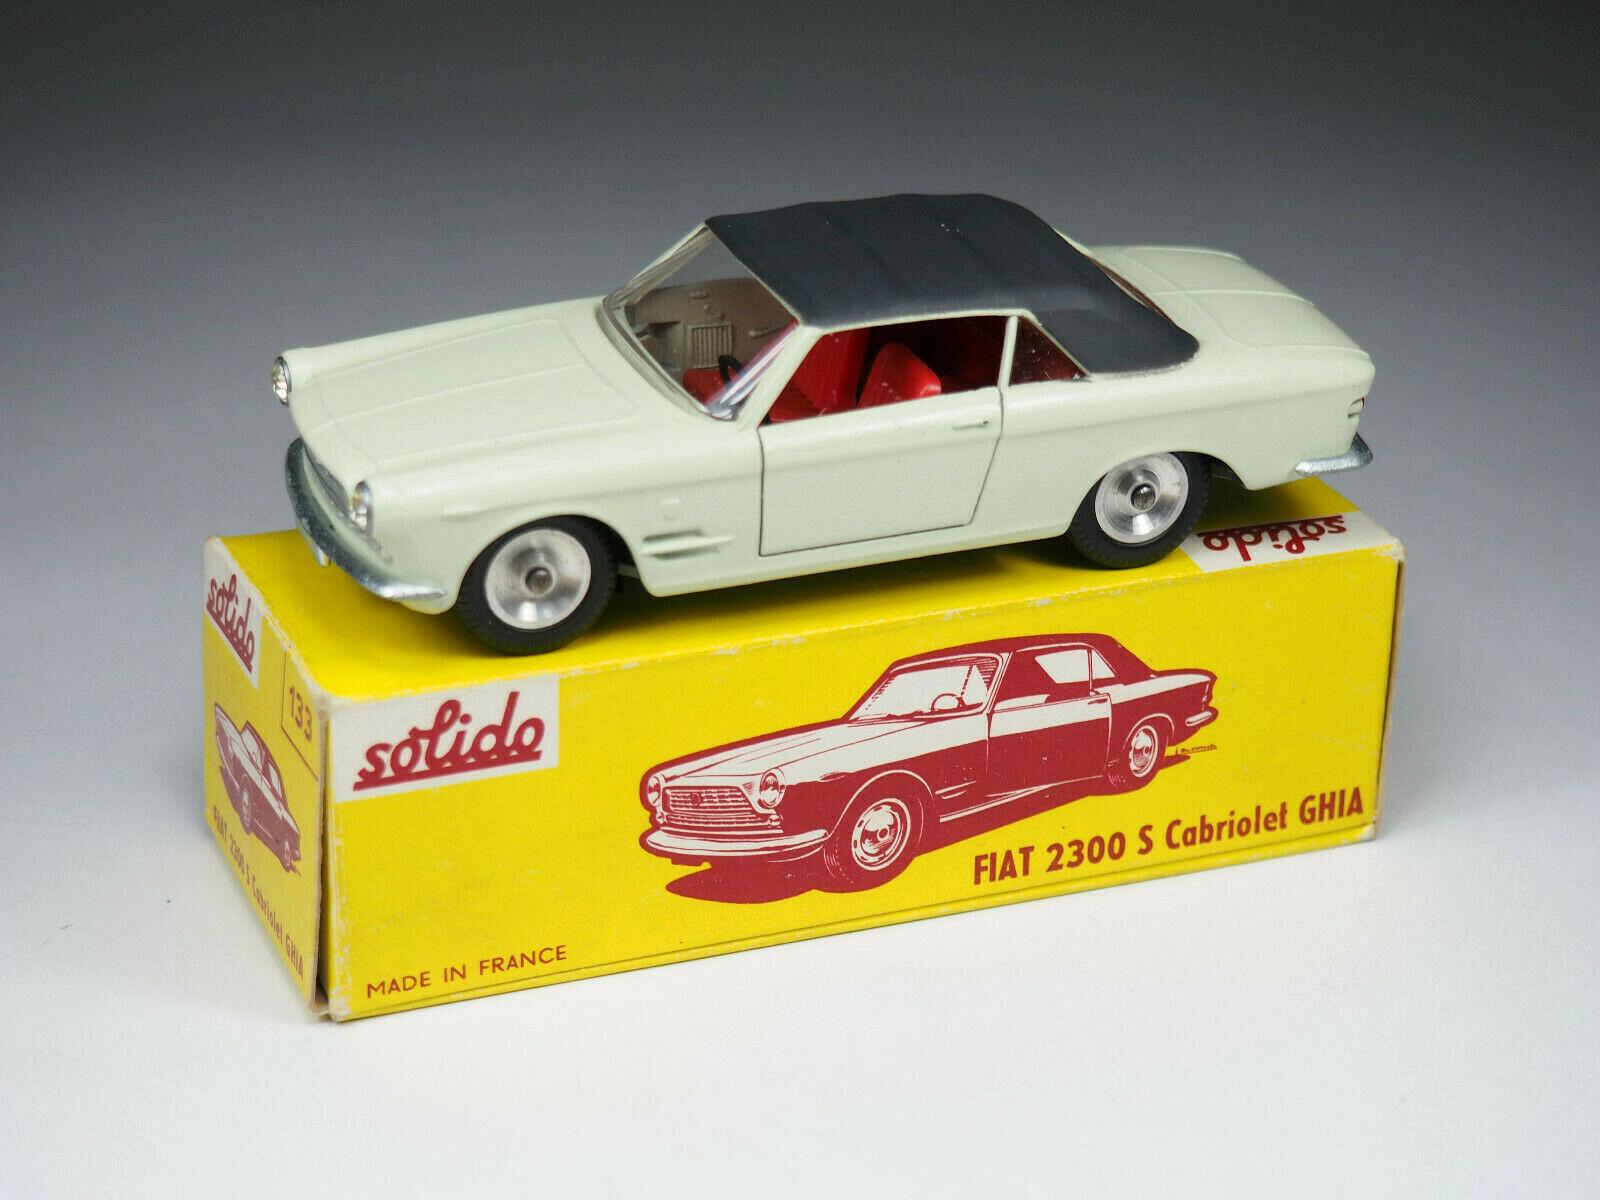 Solido - 133-fiat 2300 s ghia carbiolet-cream red interior - 1 43e